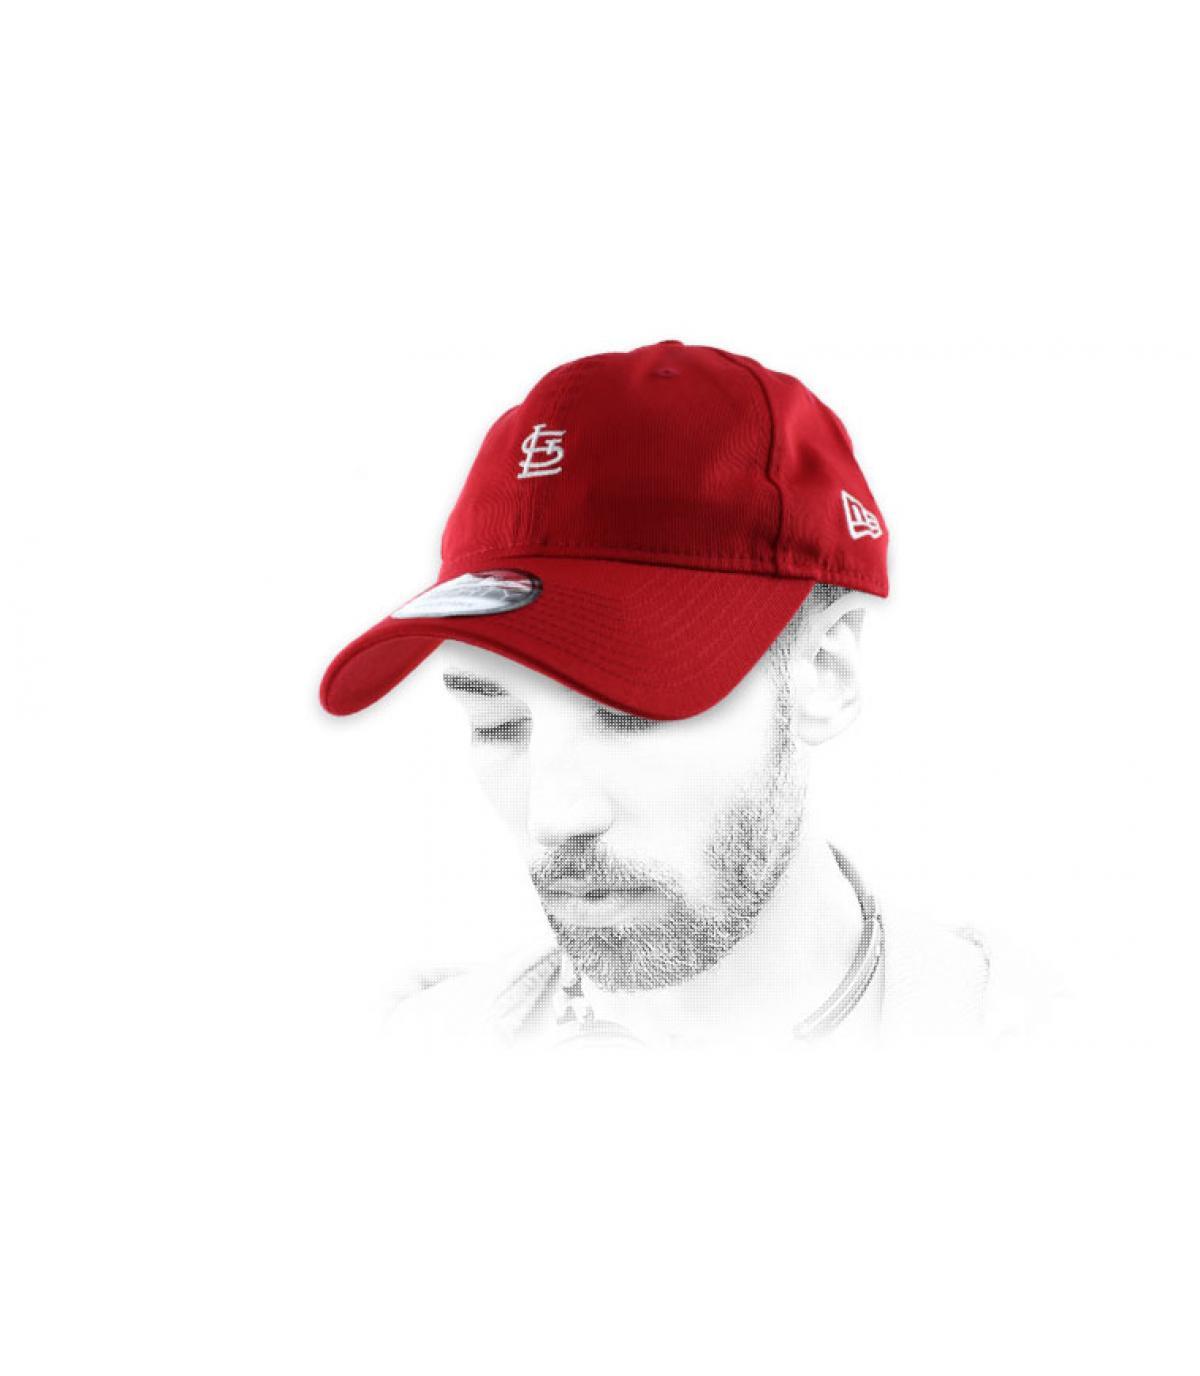 Rote St Louis Cap